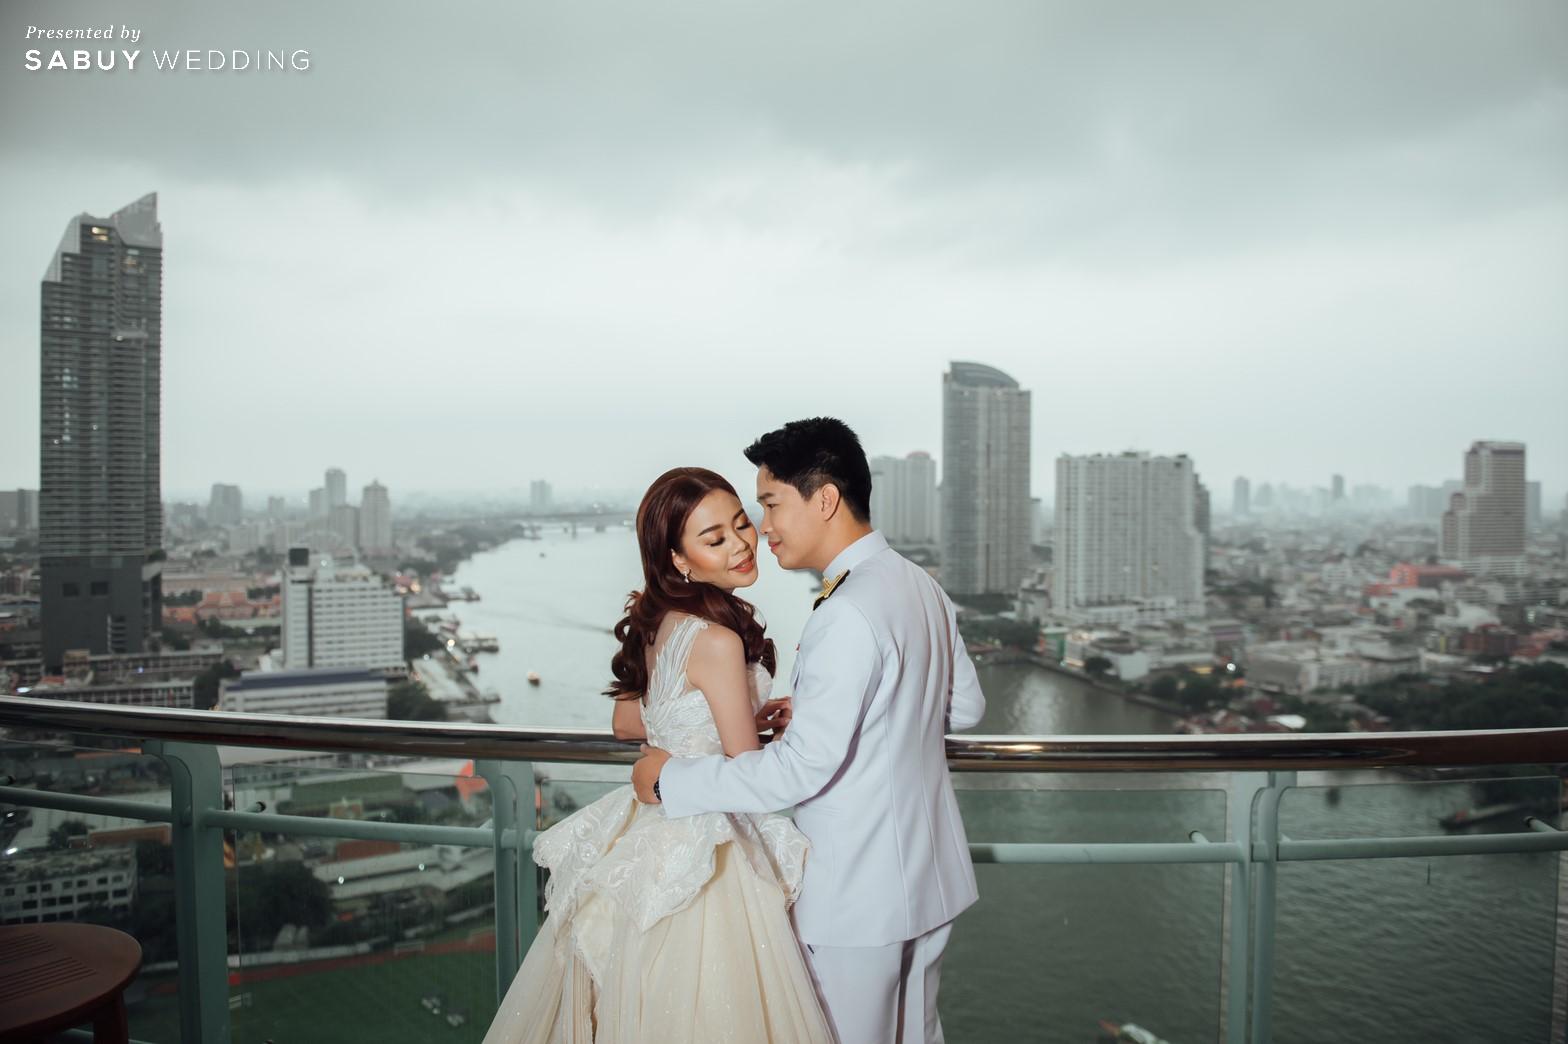 เจ้าบ่าว,เจ้าสาว,แต่งงาน,สถานที่แต่งงานริมน้ำ,โรงแรม รีวิวงานแต่งริมน้ำสุดอบอุ่น สวยละมุนในโทนขาวเขียว @ Chatrium Hotel Riverside Bangkok